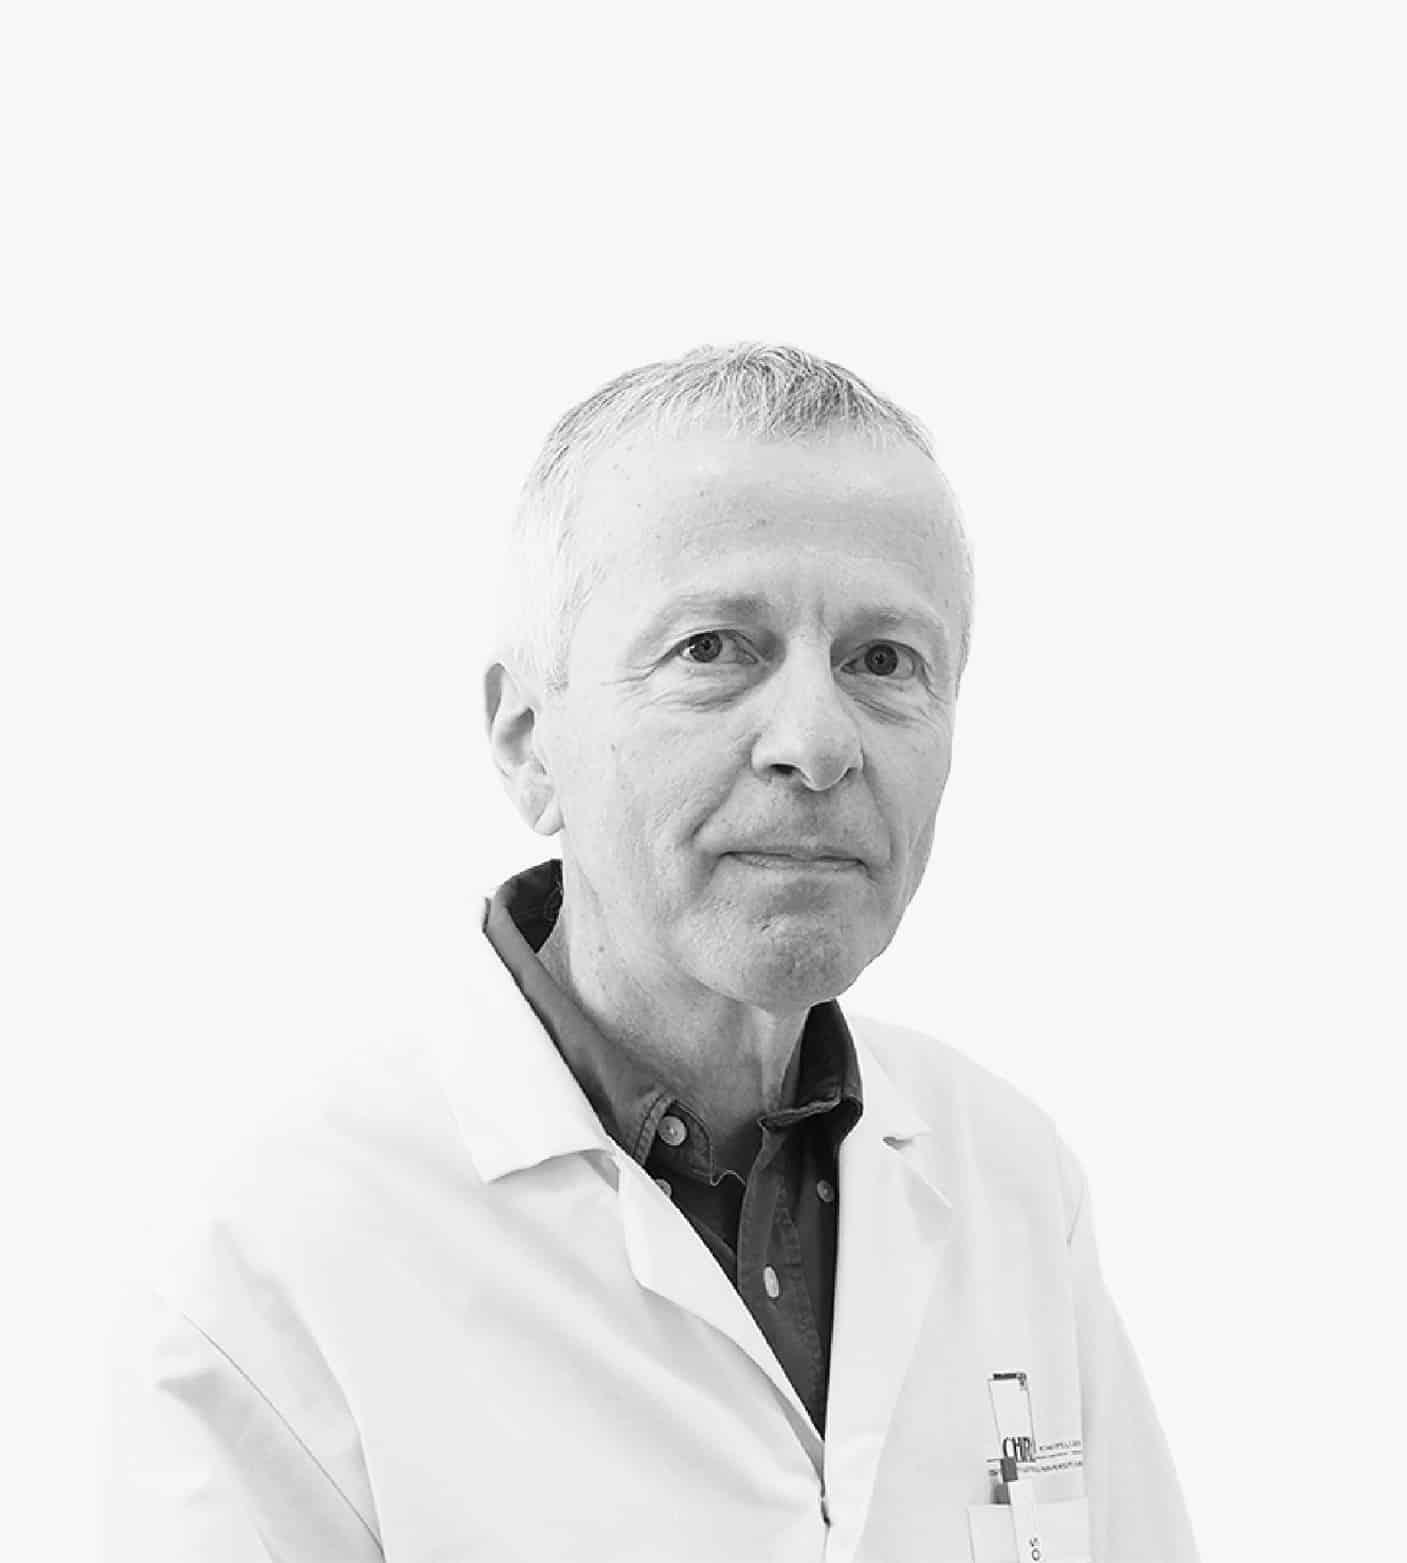 DR BENOÎT AMY DE LA BRETÈQUE